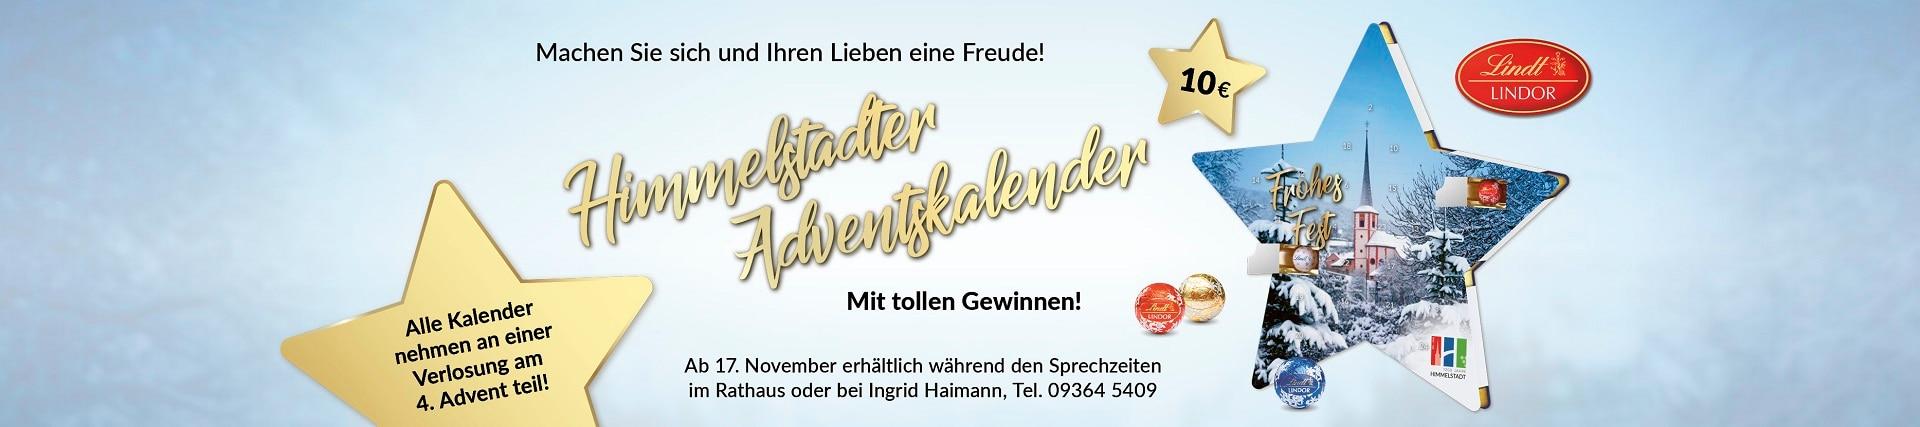 Himmelstadter Adventskalender zur 1200-Jahrfeier